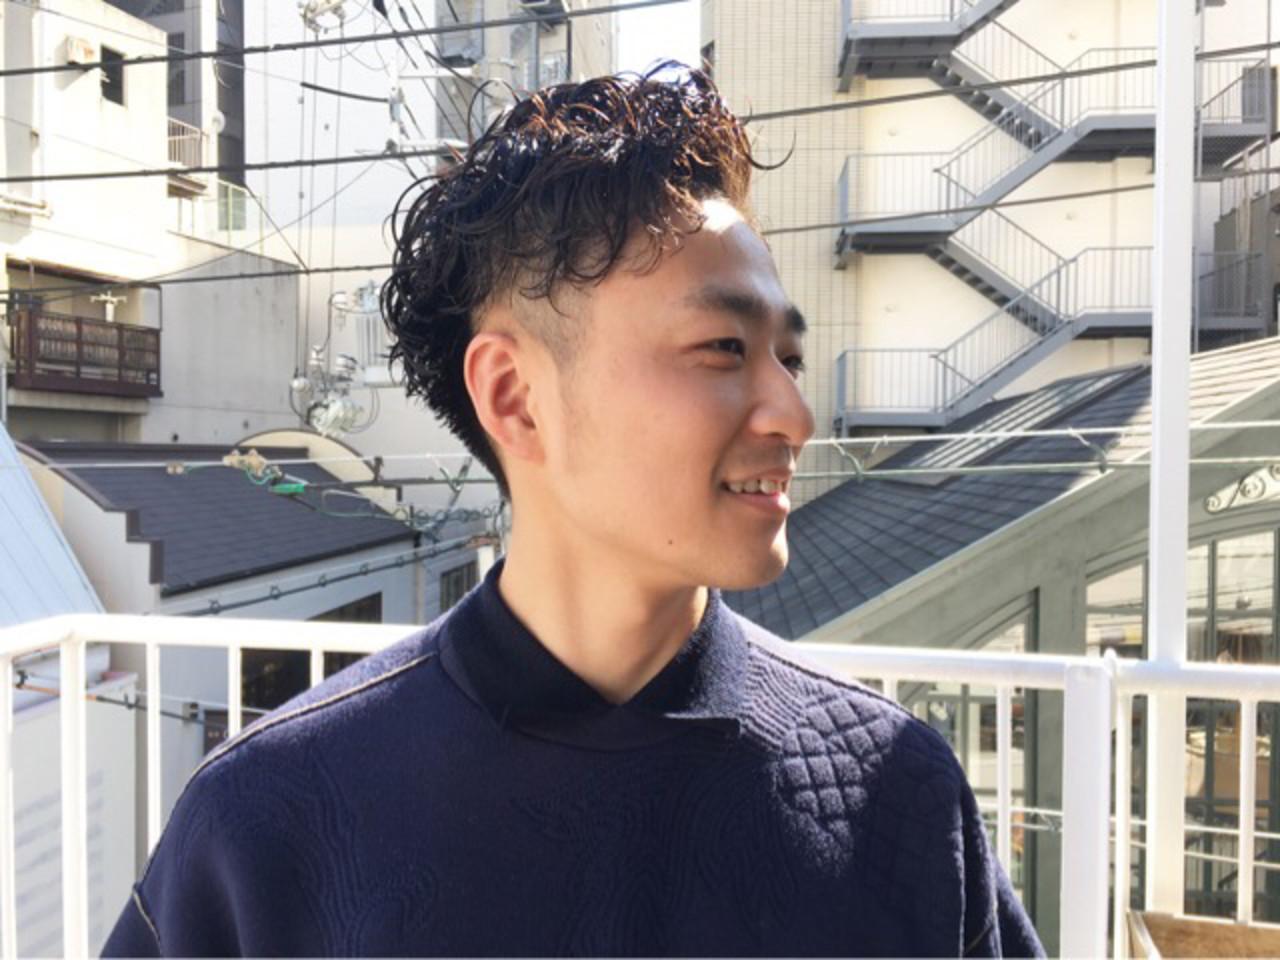 ハンサム メンズヘア メンズパーマ 黒髪 ヘアスタイルや髪型の写真・画像 | COM PASS タイチ / COM PASS